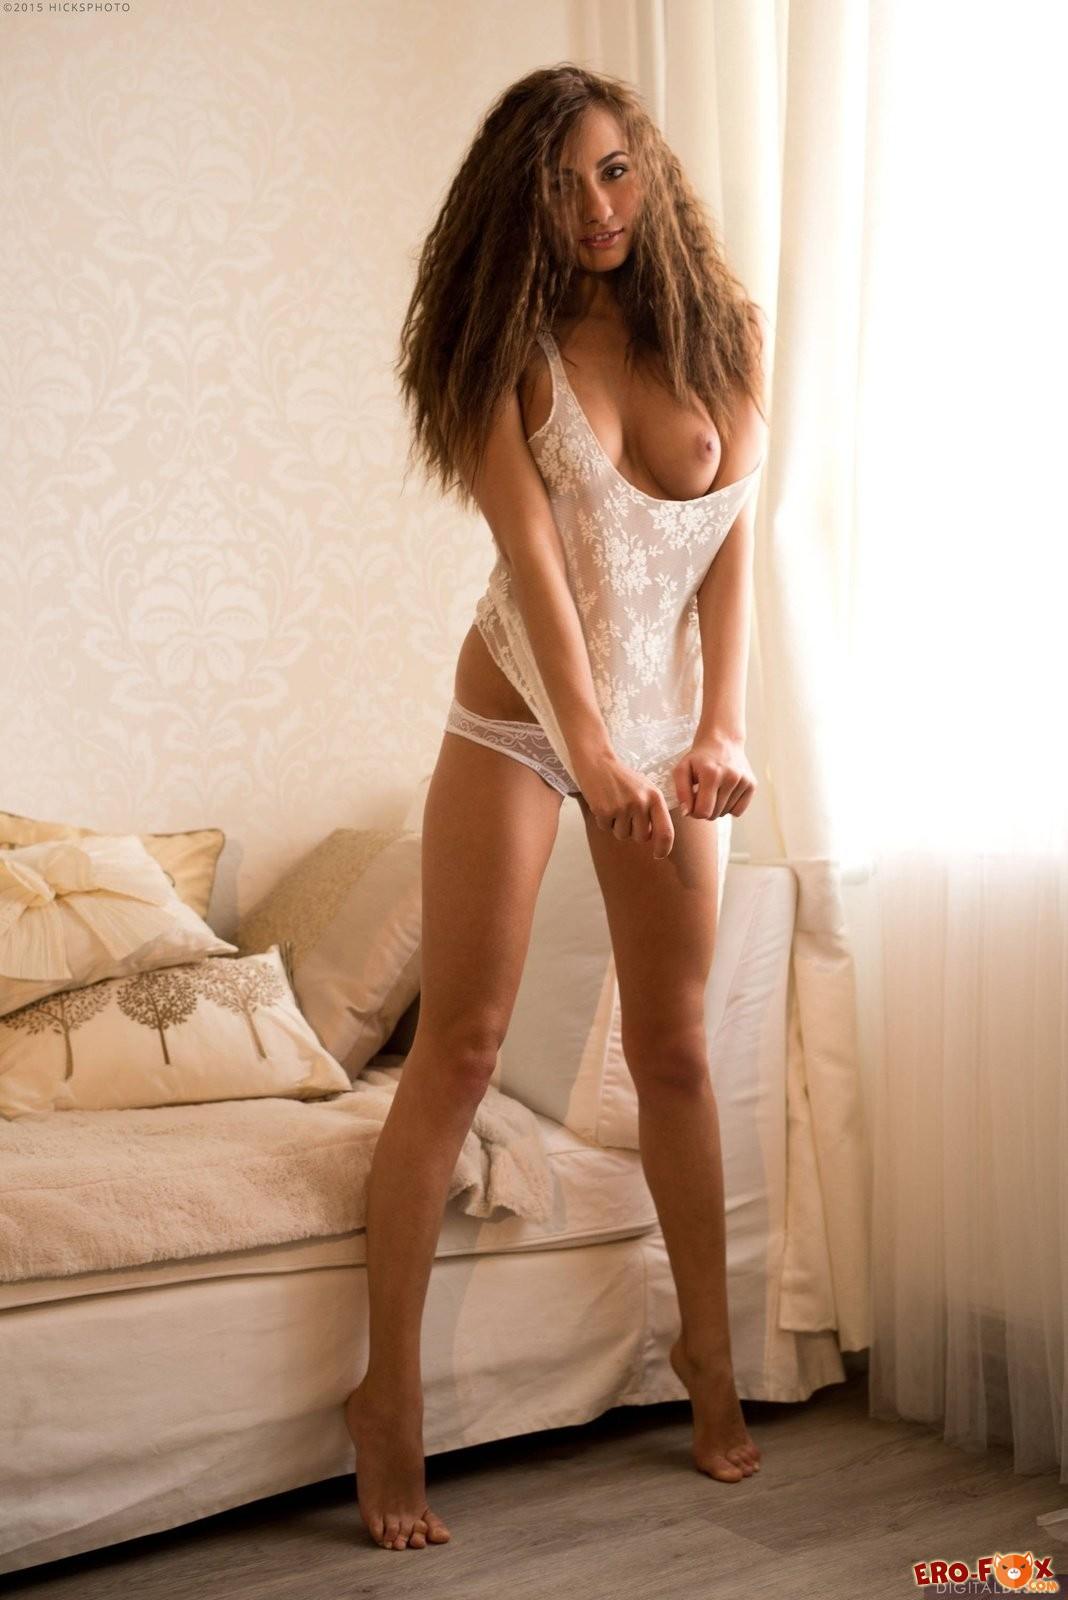 Красотка сняла сексуальное белое бельё